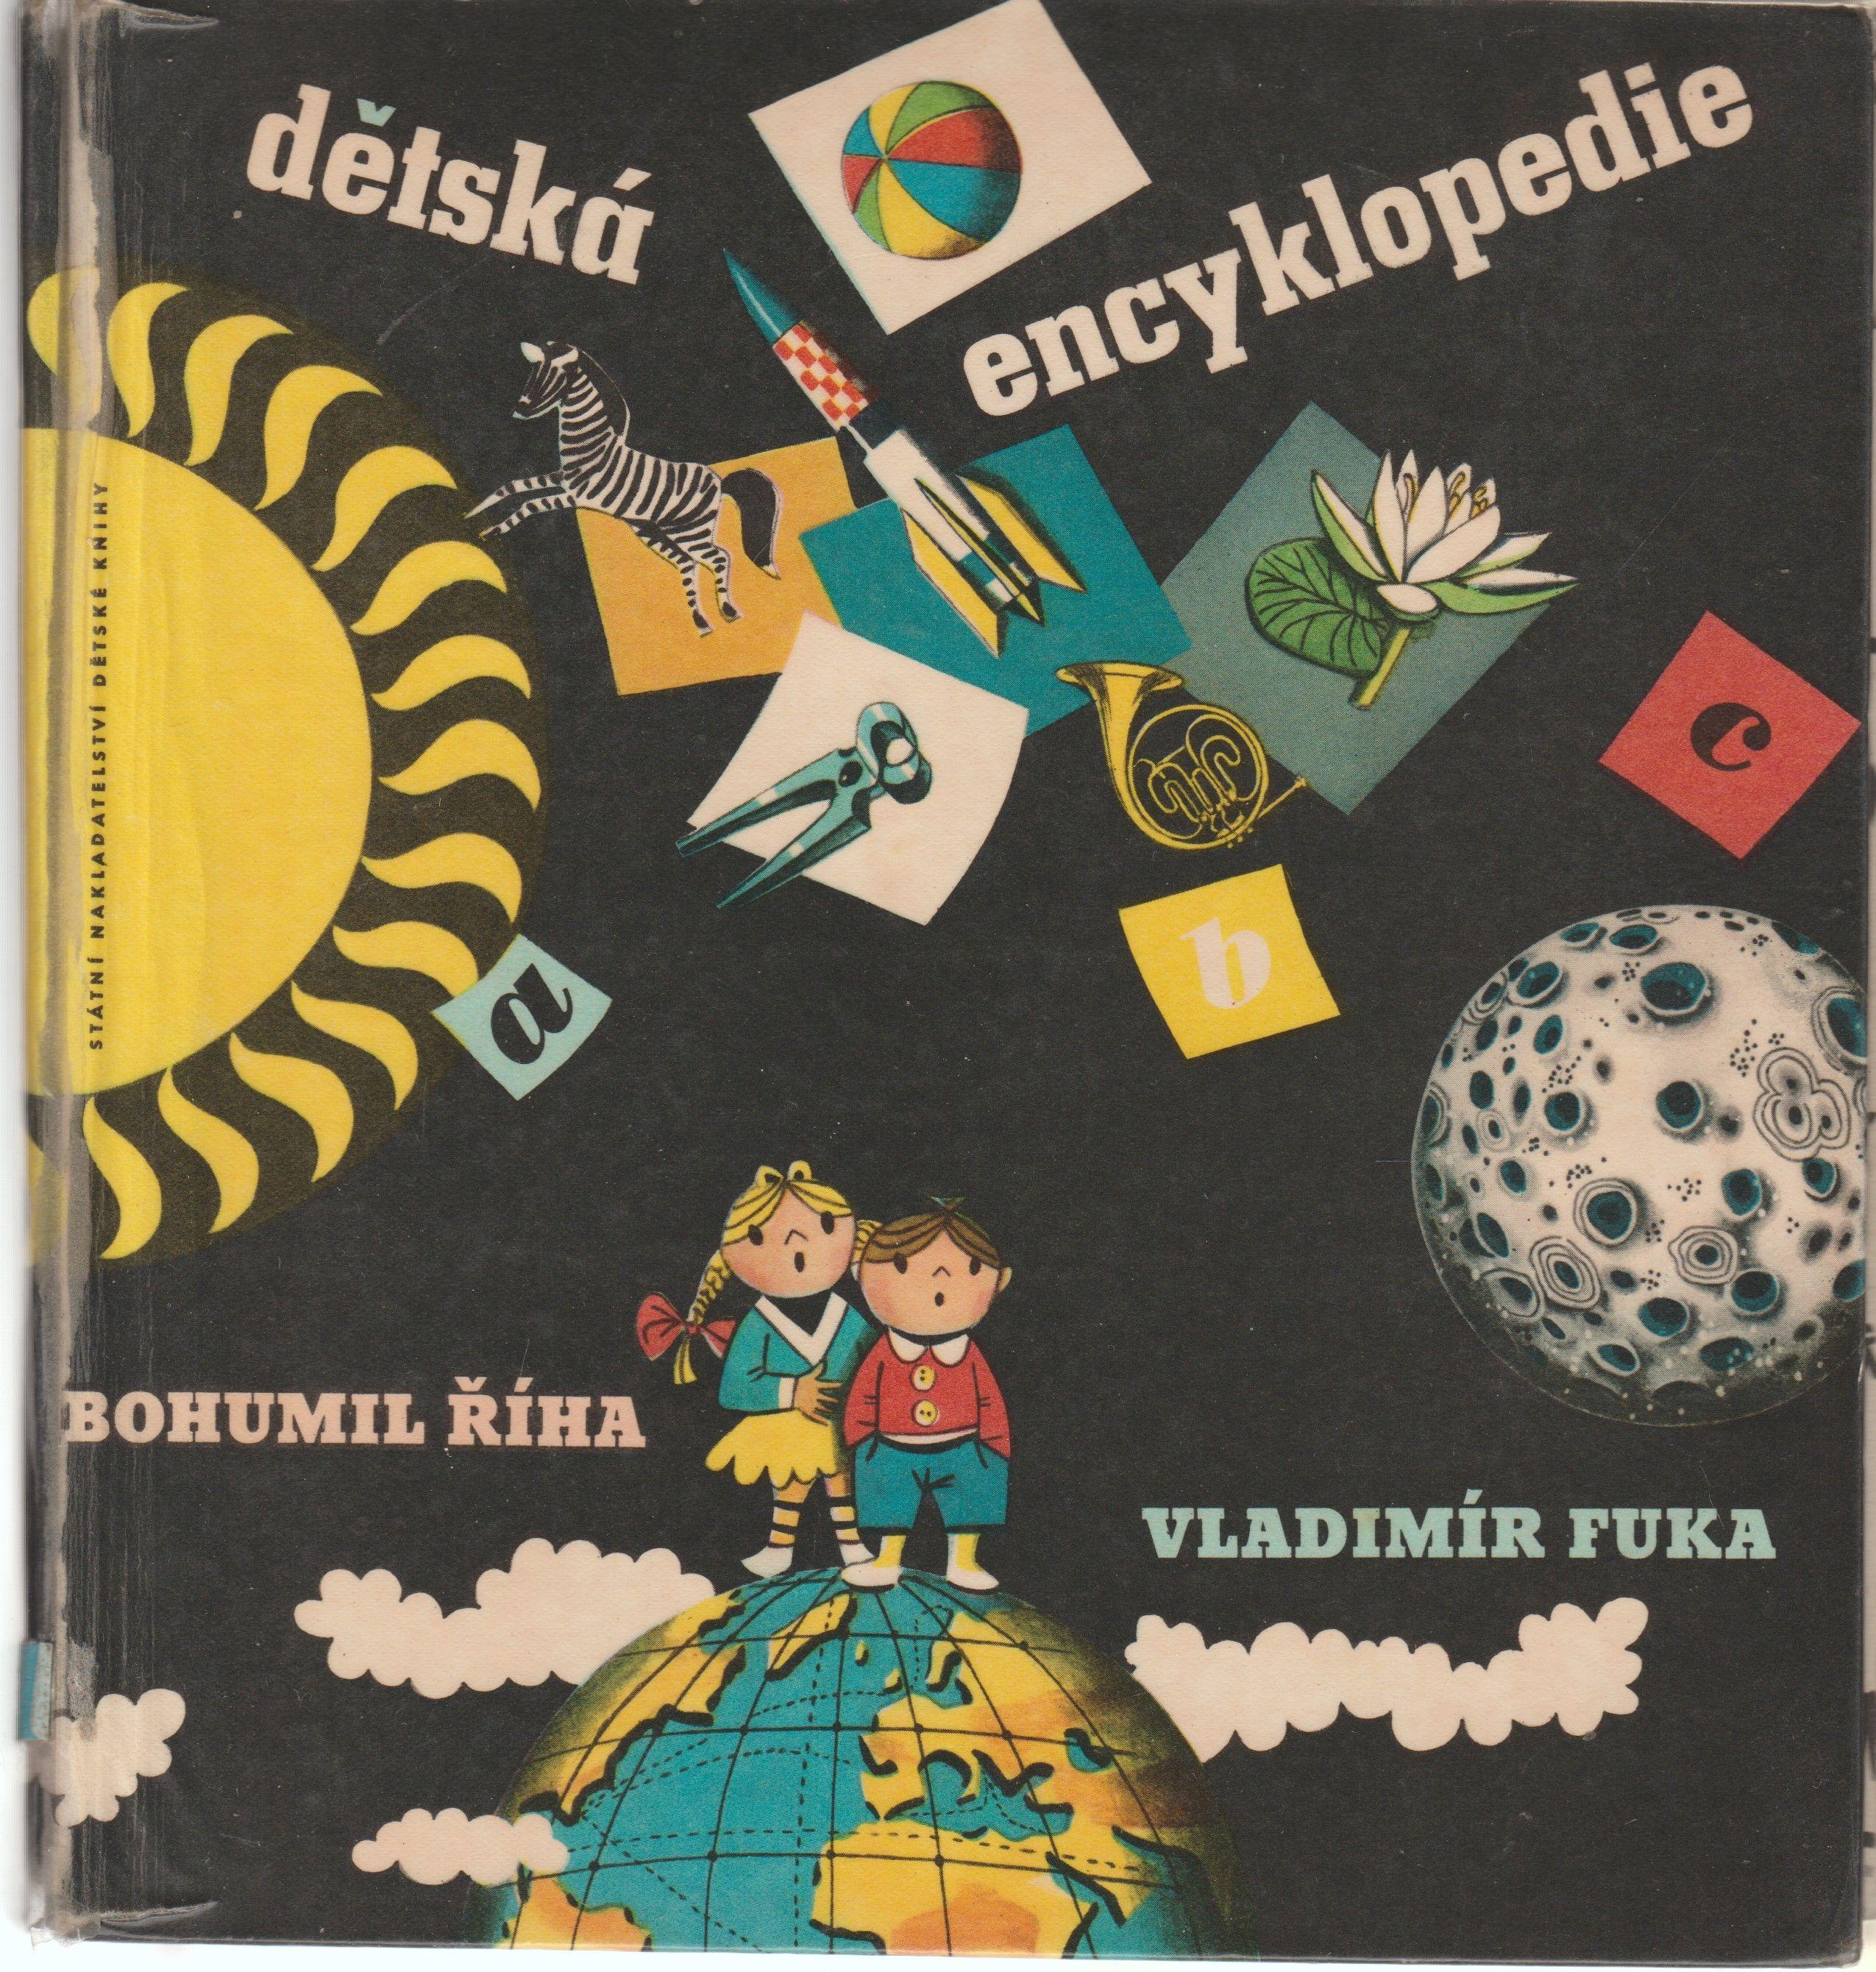 Dětská encyklopedie - Bohumil Říha, Vladimír Fuka